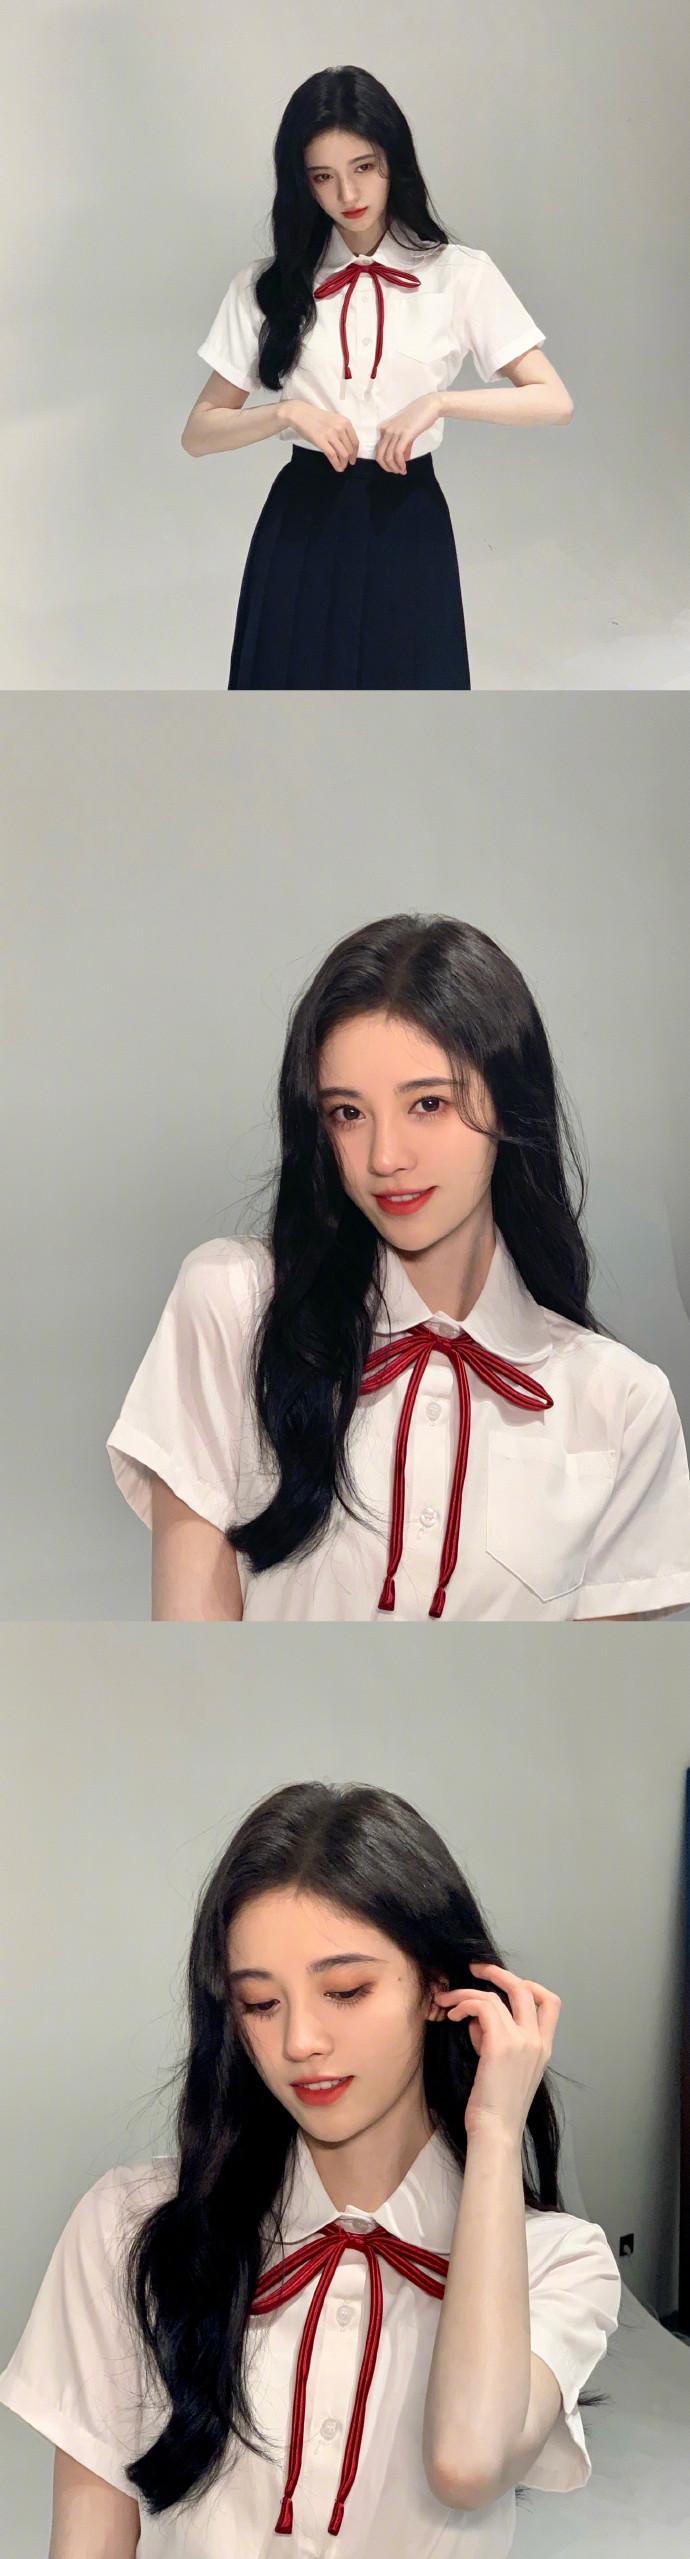 2020妹子图 每天分享 鞠婧祎 涨姿势 第4张